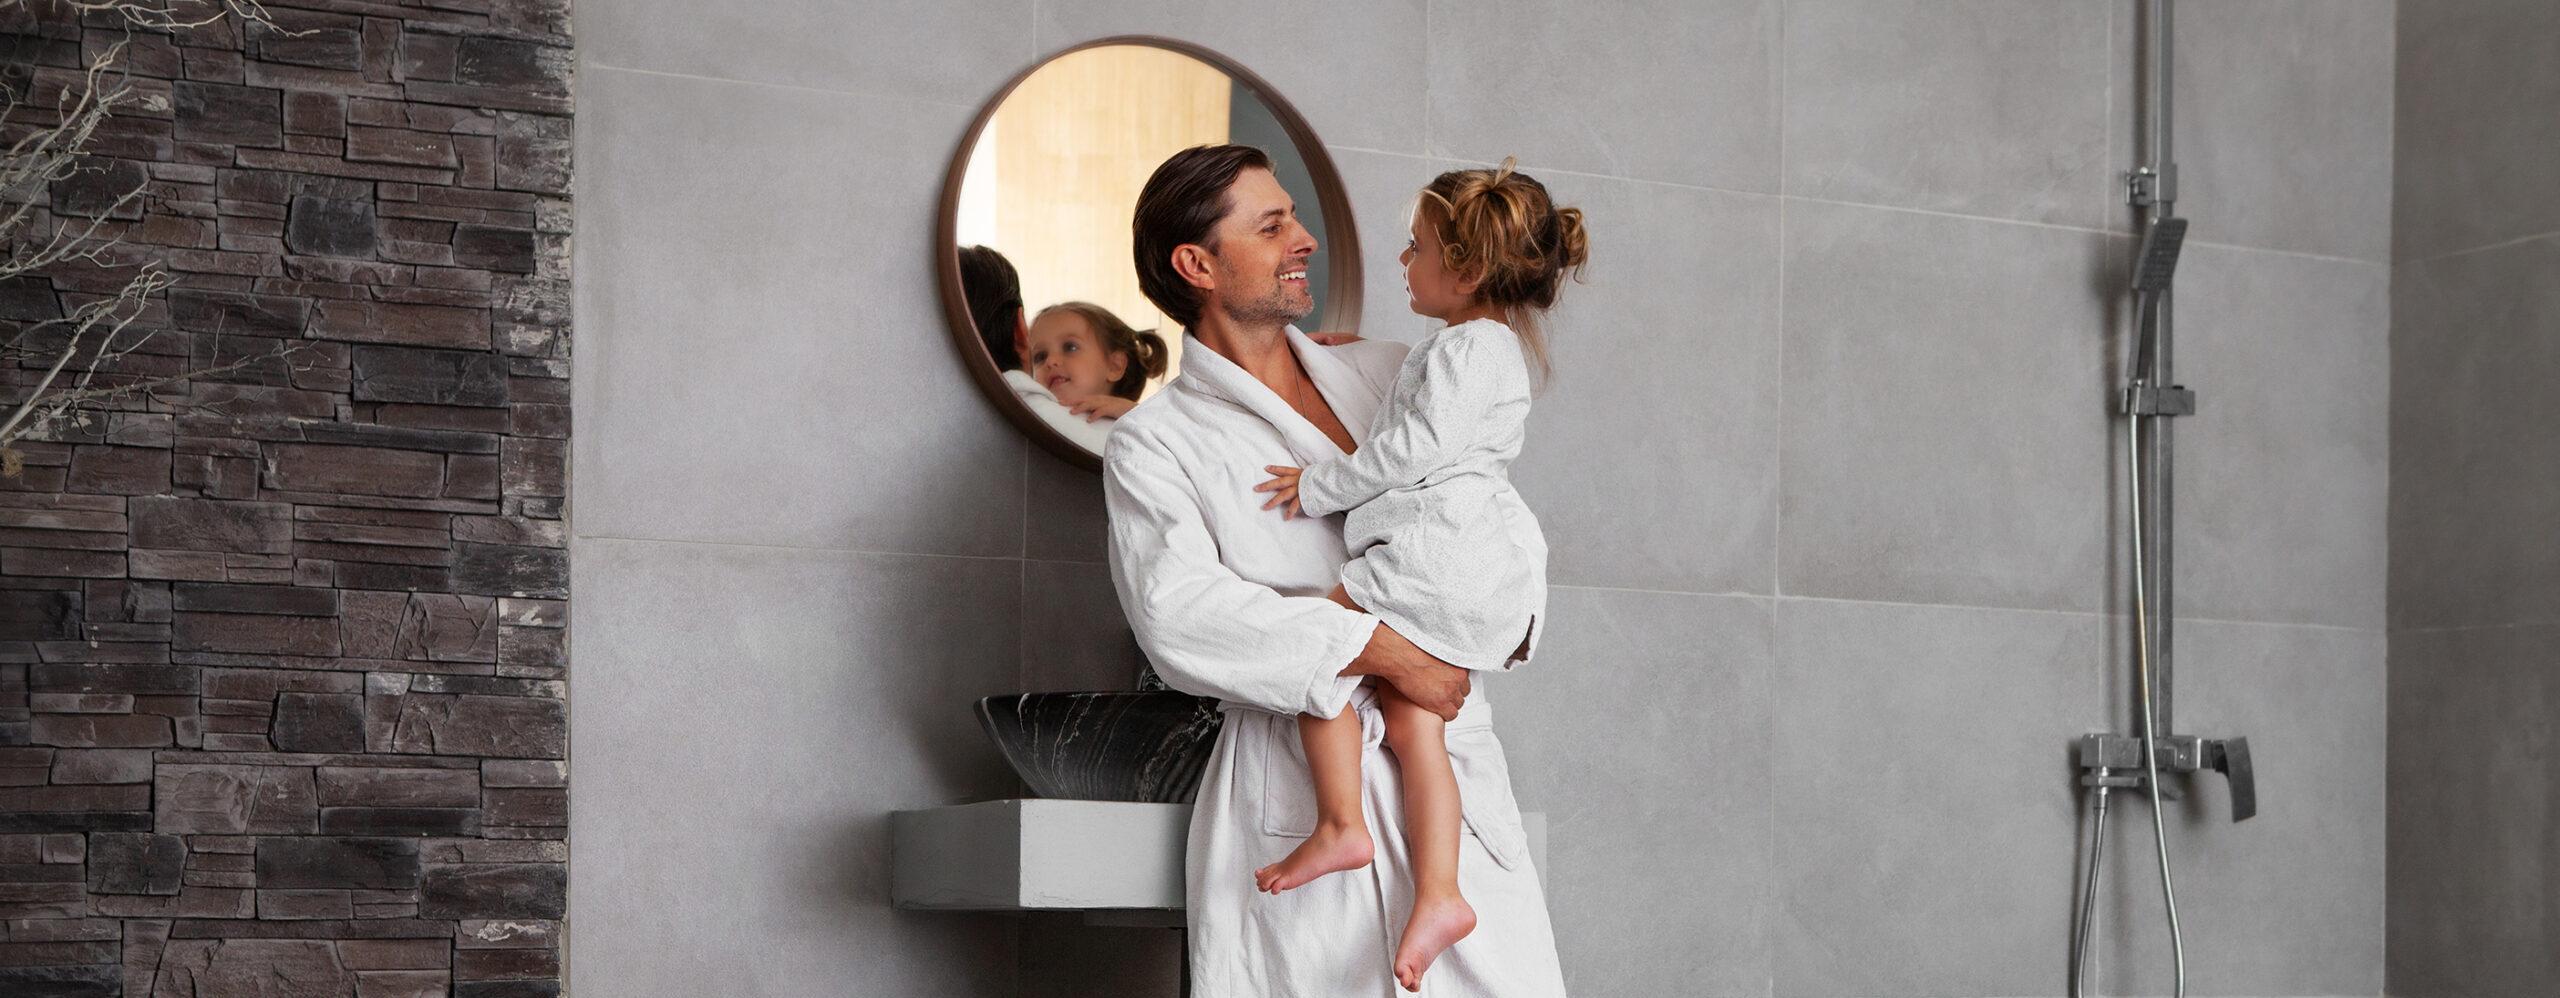 Badzimmer, Badsanierung, Familie, Vater, Tochter, Sanierung